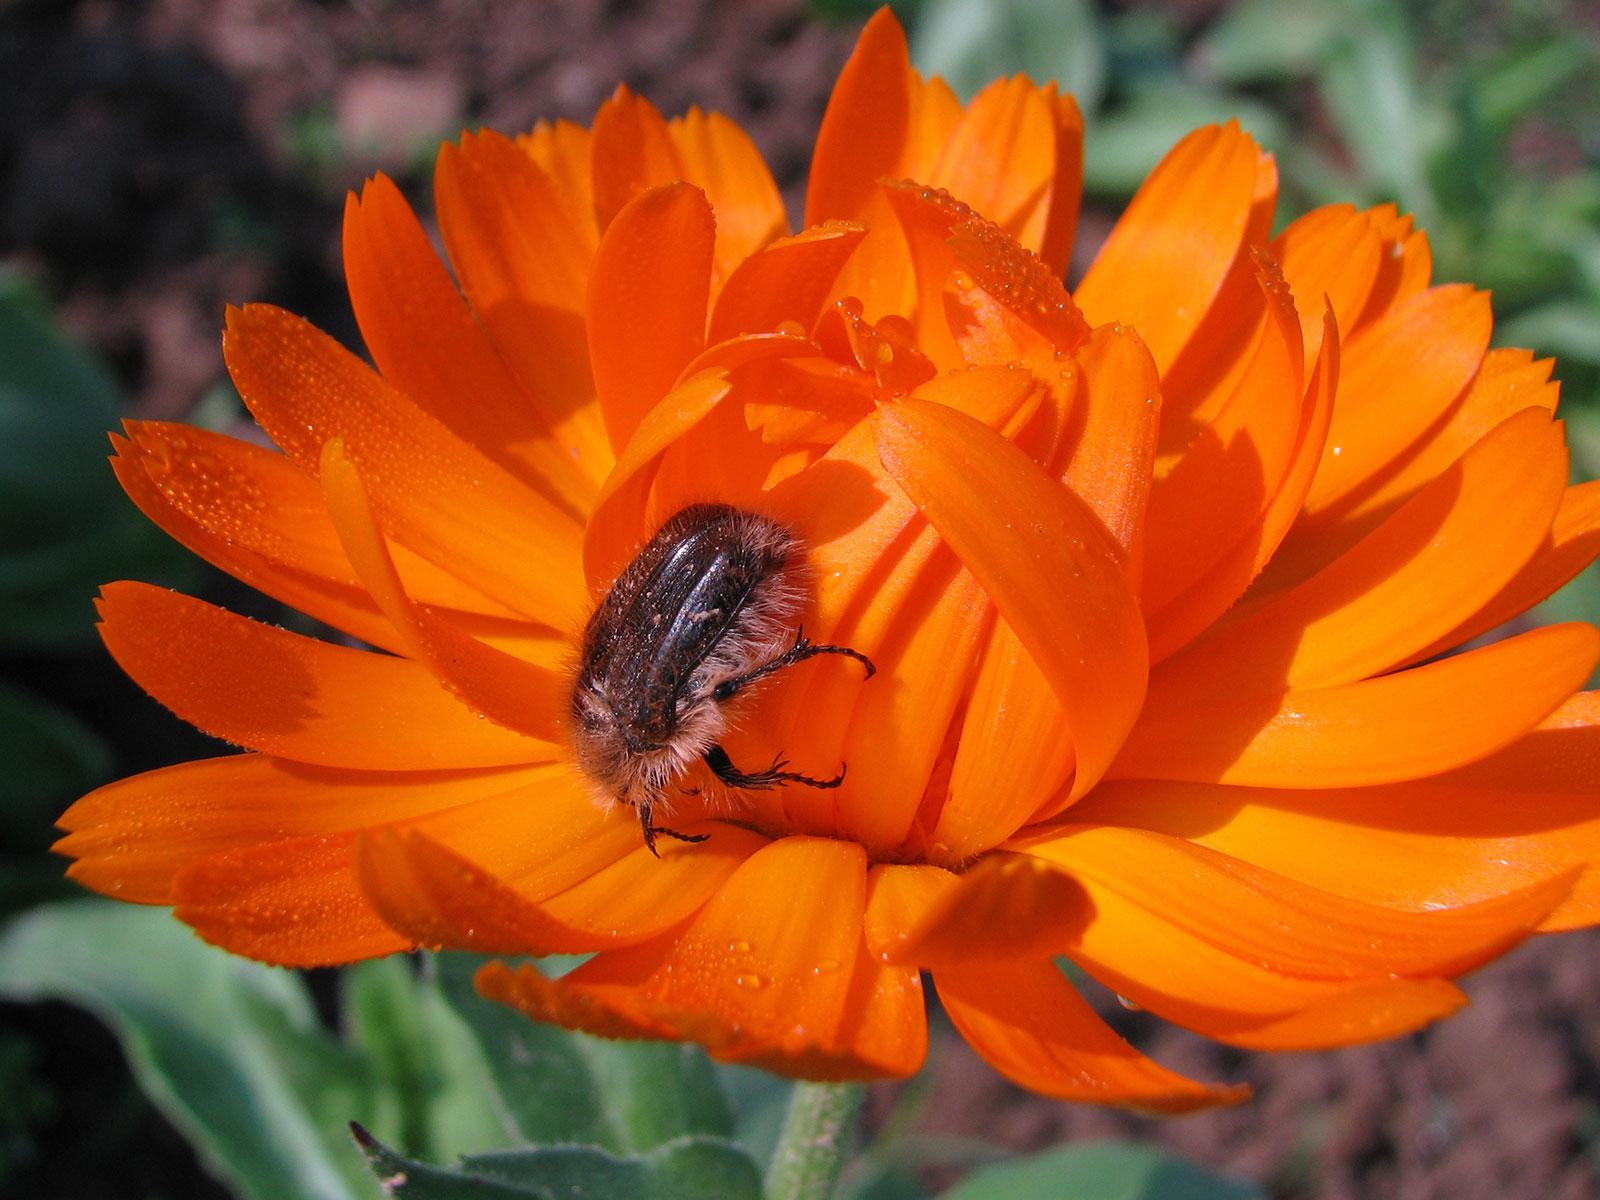 les-insectes-aussi-apprécient-nos-plantes!